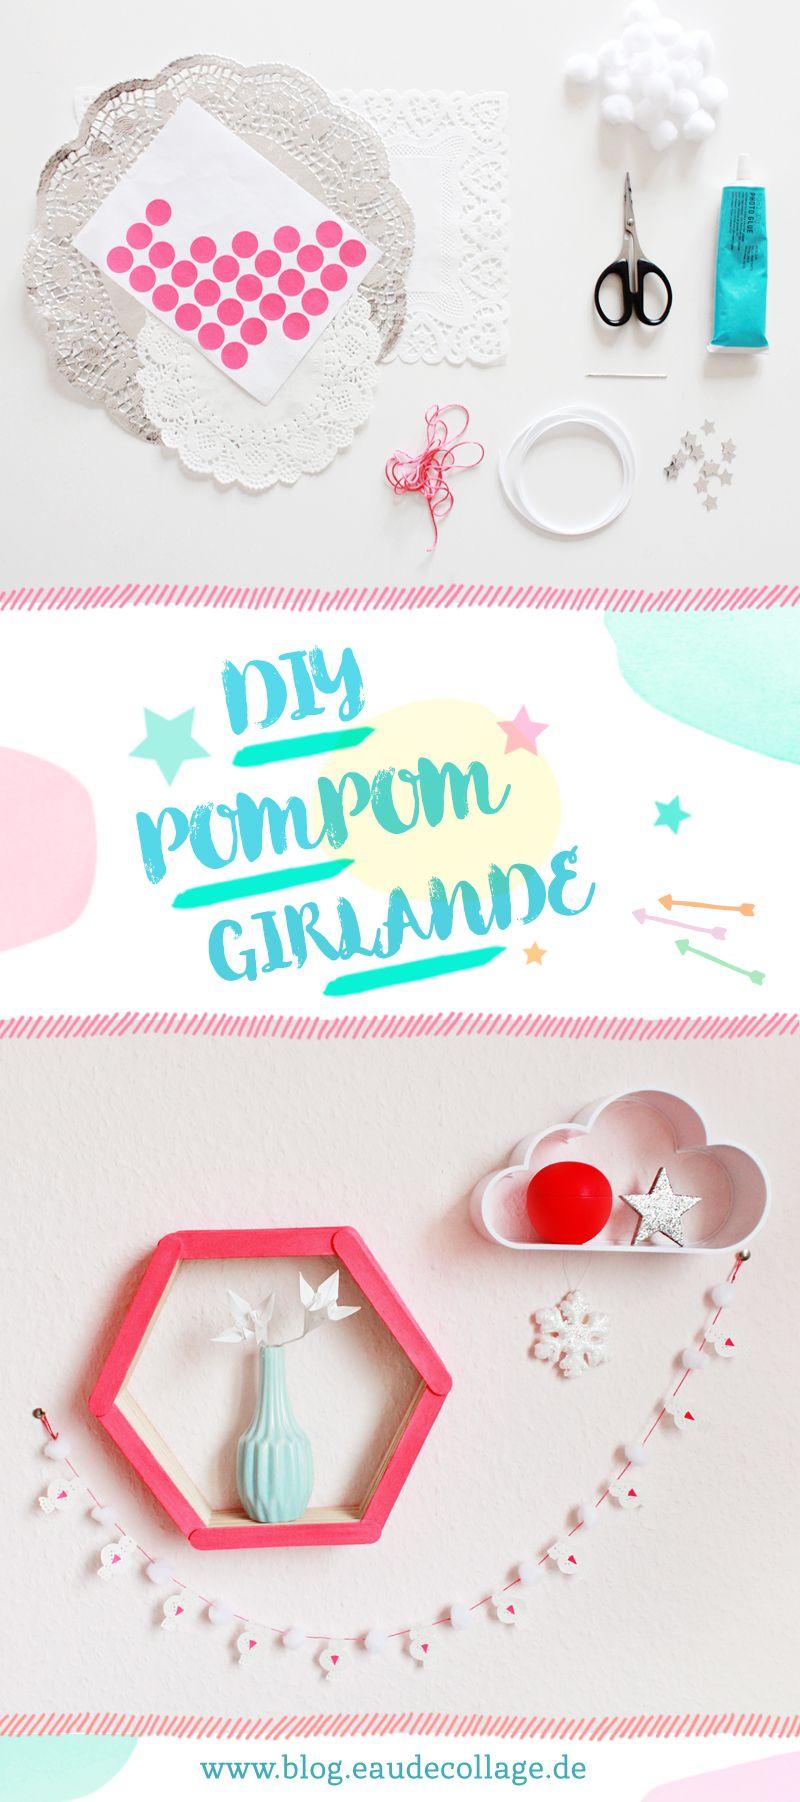 diy mini pompom girlande basteln diy blog eau de collage. Black Bedroom Furniture Sets. Home Design Ideas